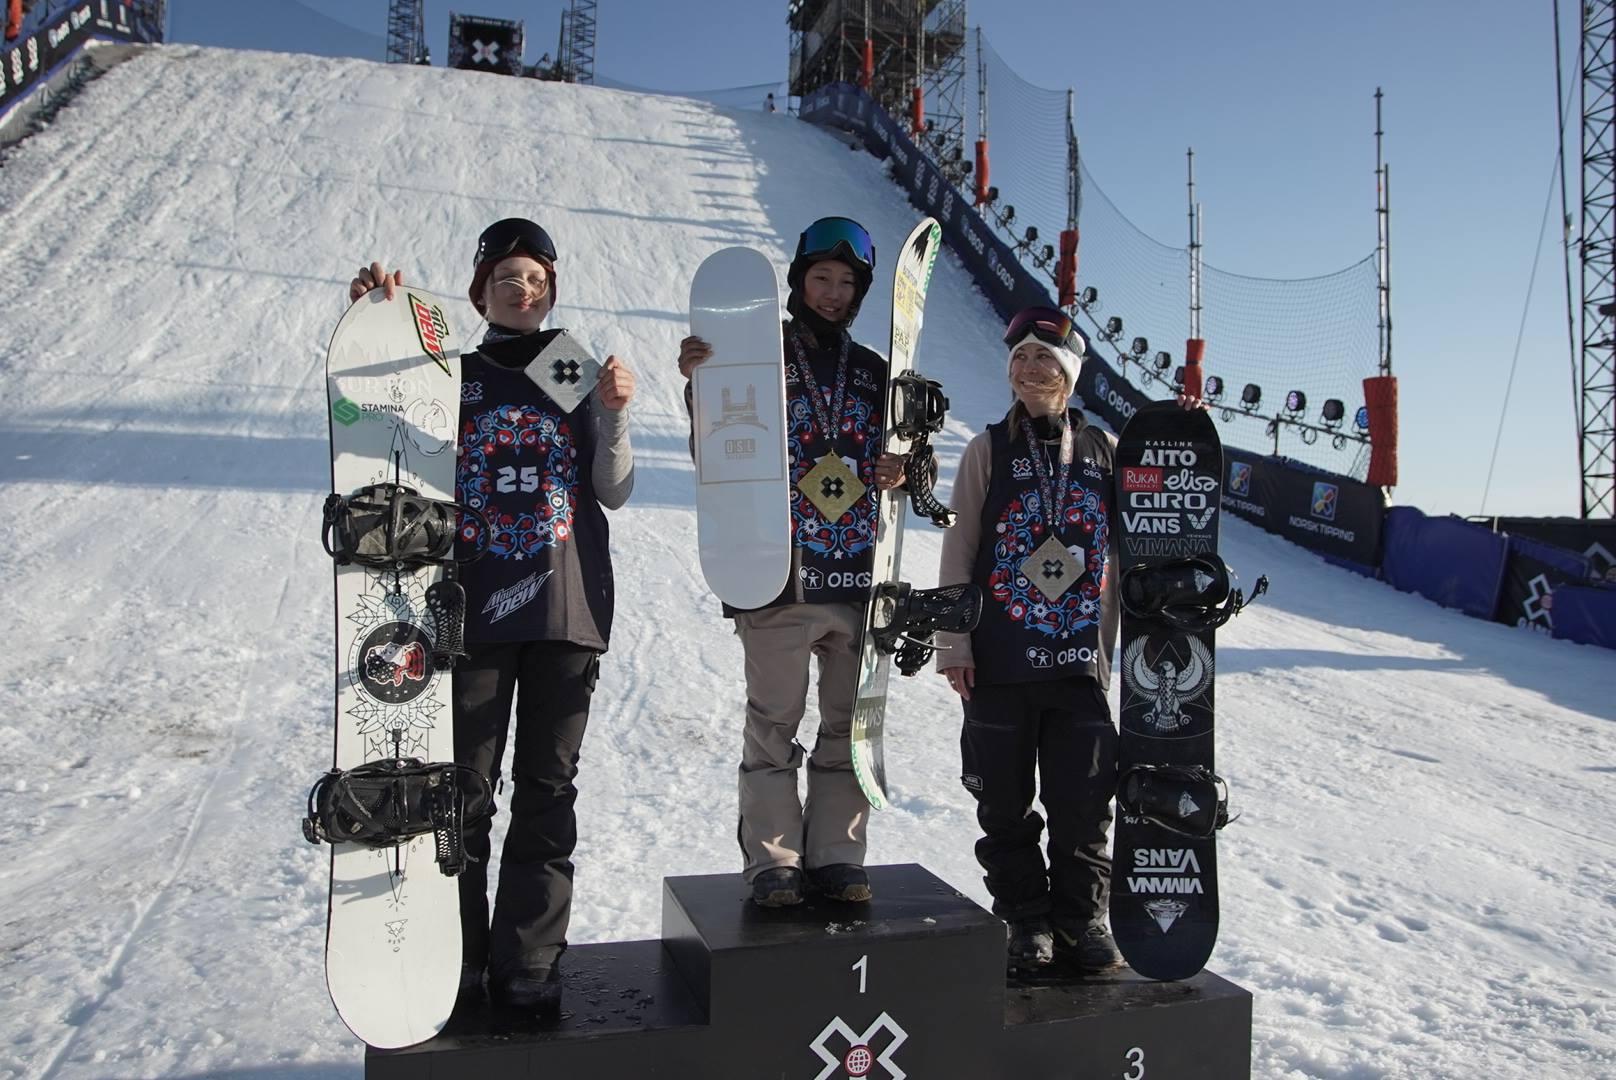 snowboarder incontri